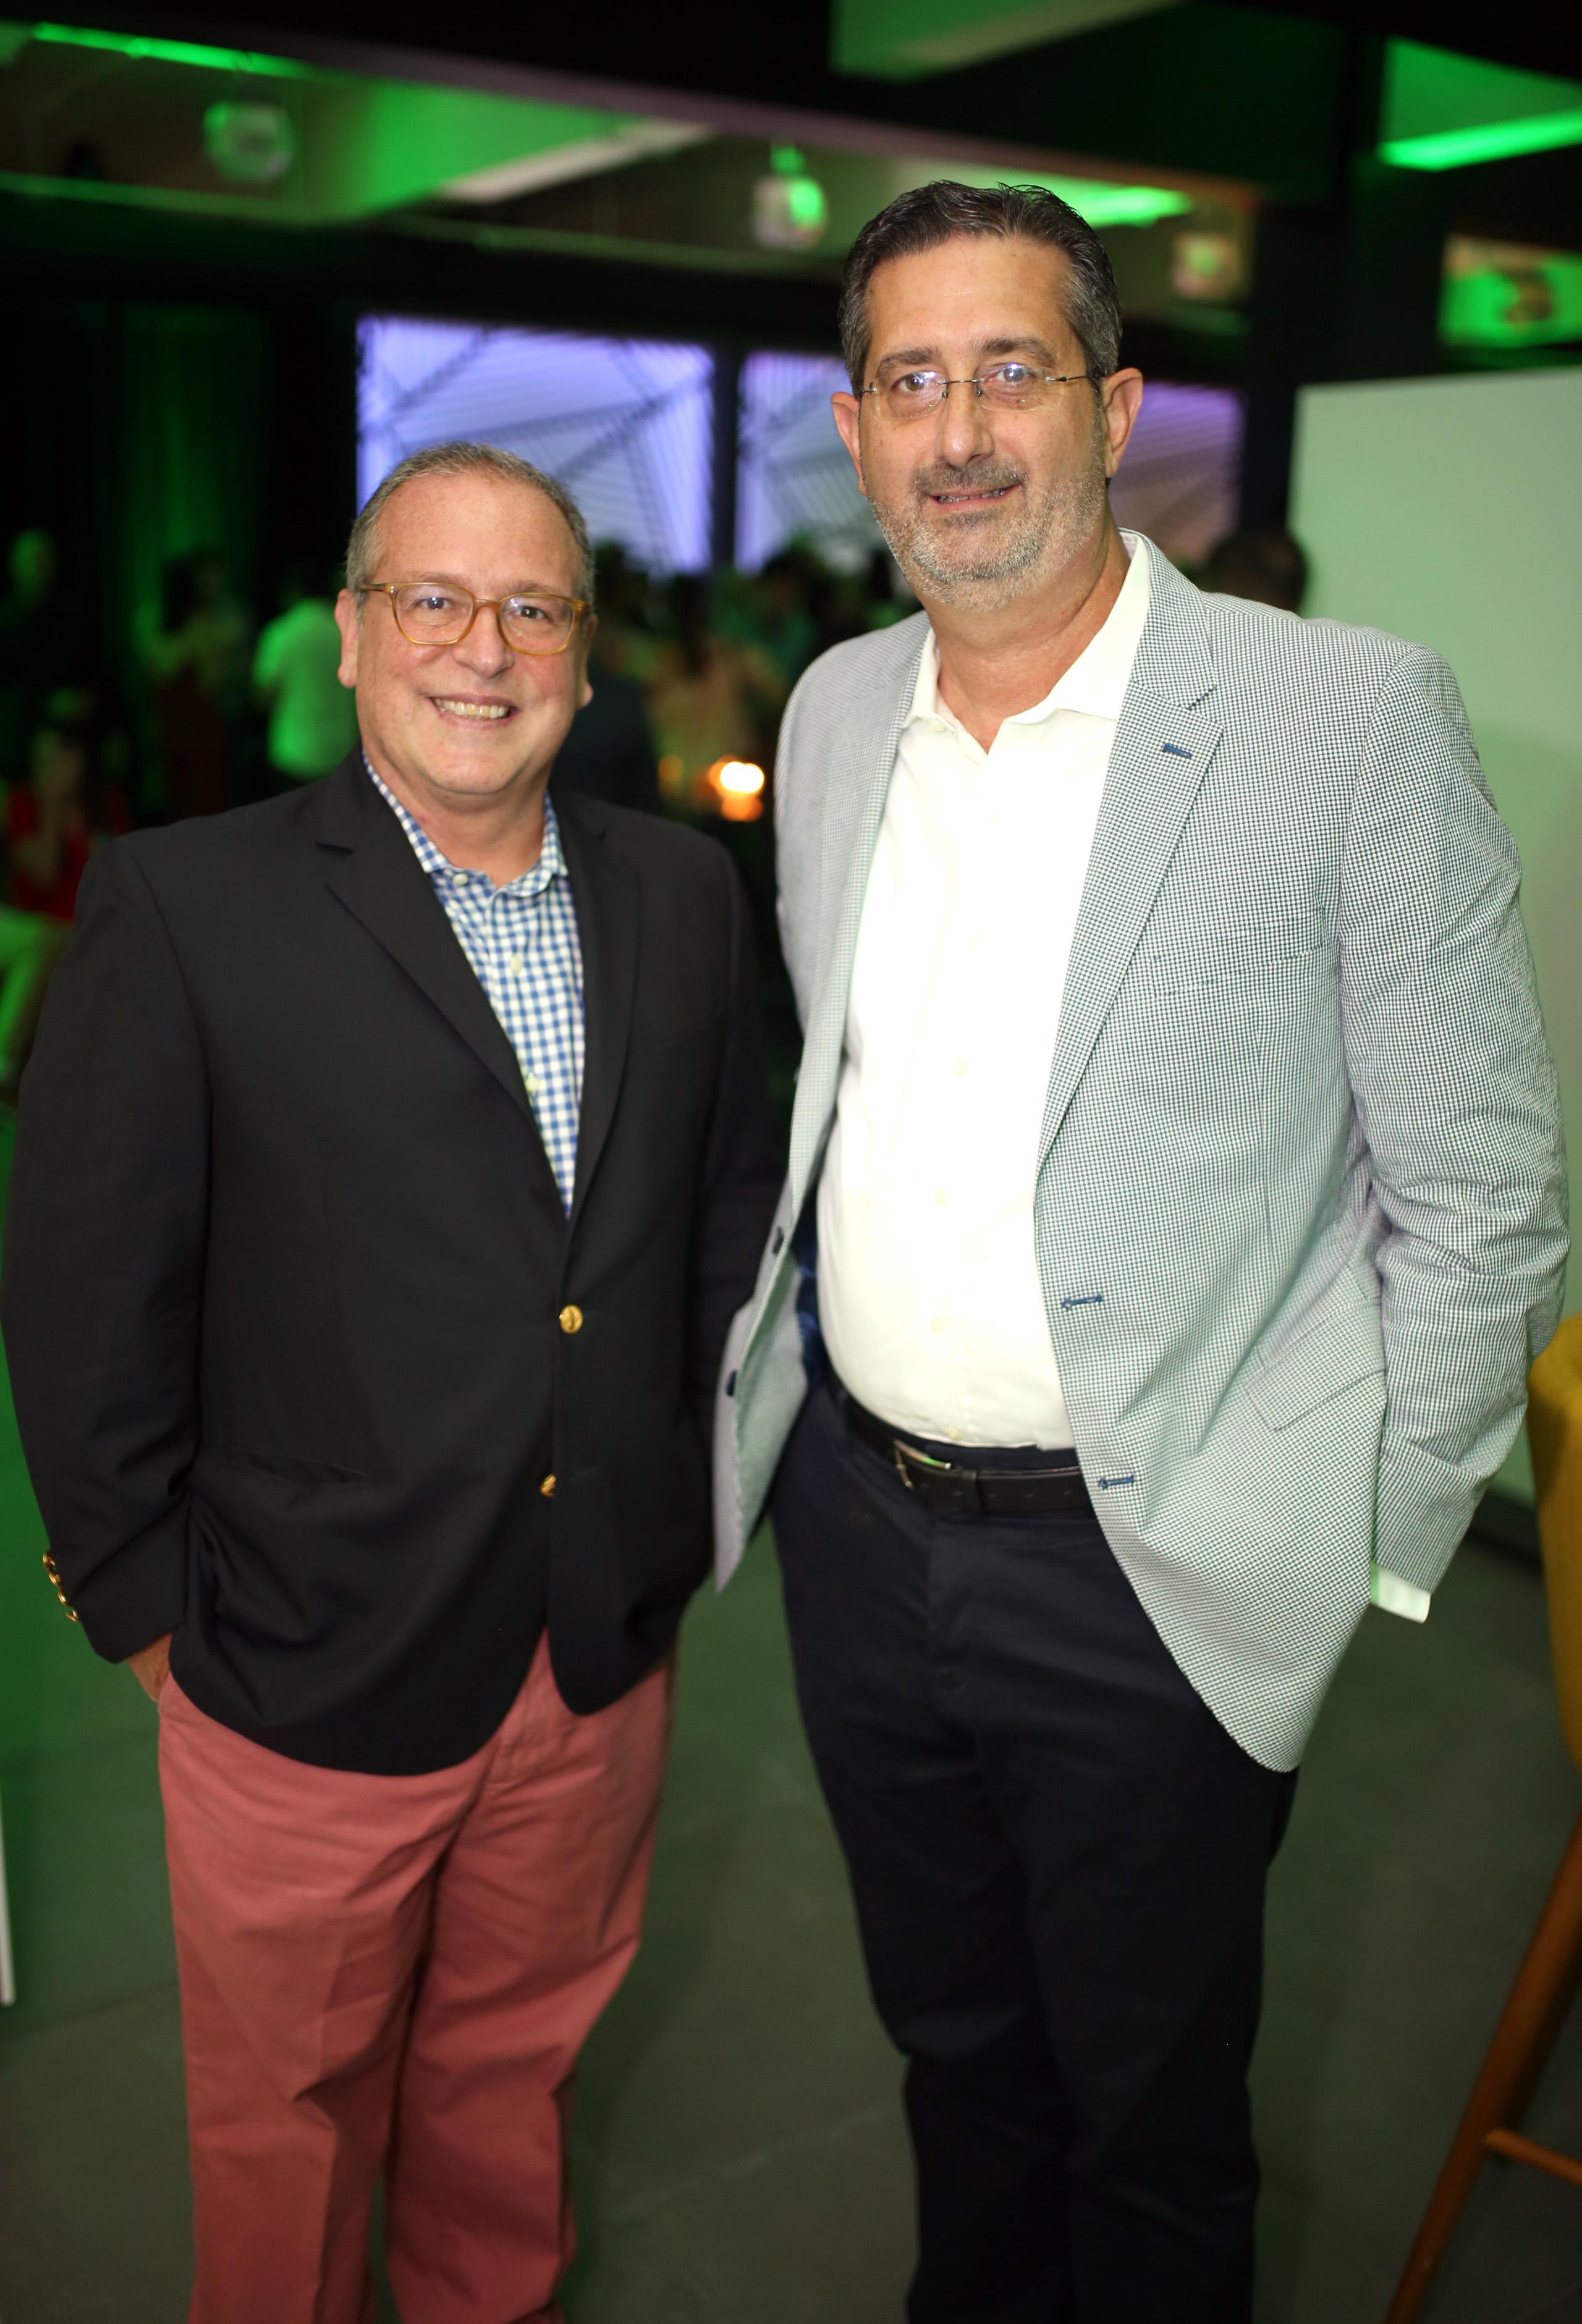 Juan Mario Álvarez y Jose Ordeix. Foto José R. Pérez Centeno.